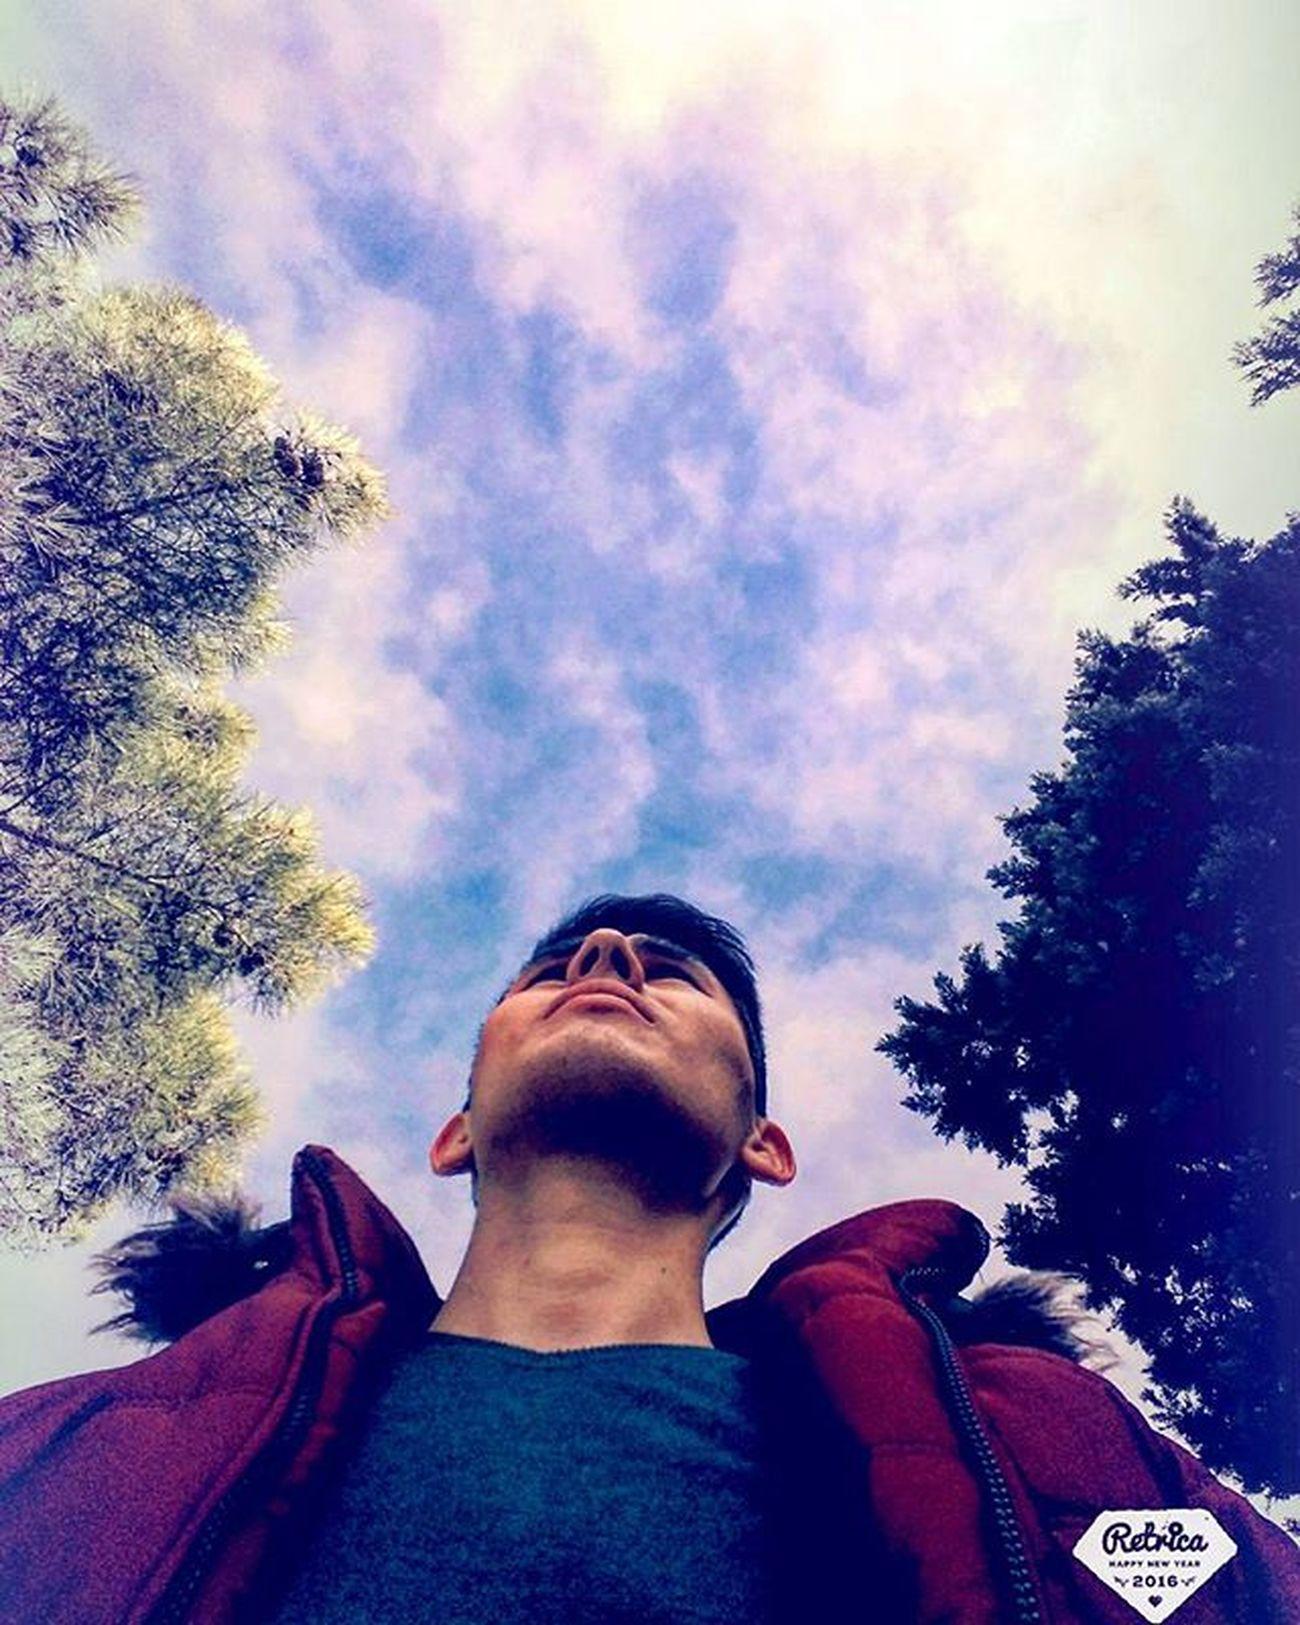 Как часто мы поднимаем взгляд и смотрим на небеса??? :) Nebesa ОблакаБелогривыеЛошадки поднебом сегодняшнийдень взглядснизувверх я